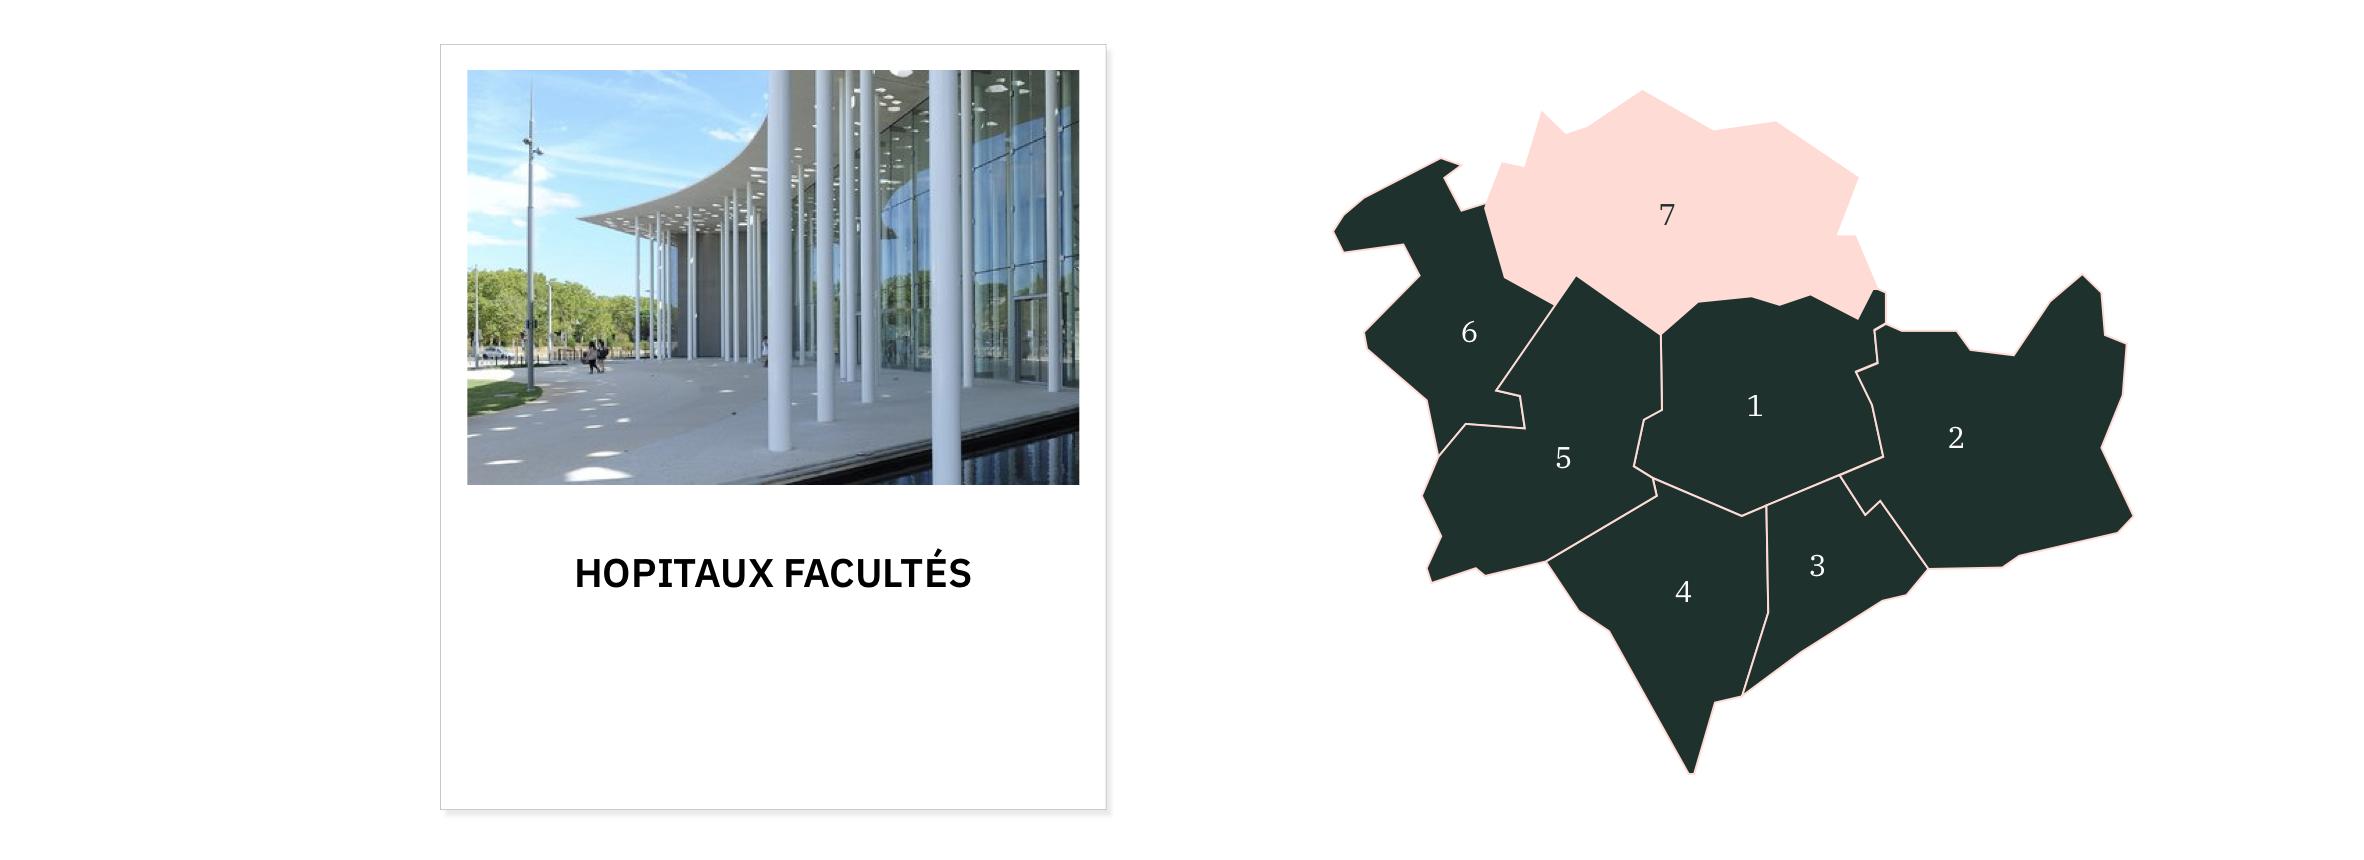 Hôpitaux Facultés ⎮ Carte des quartiers de Montpellier